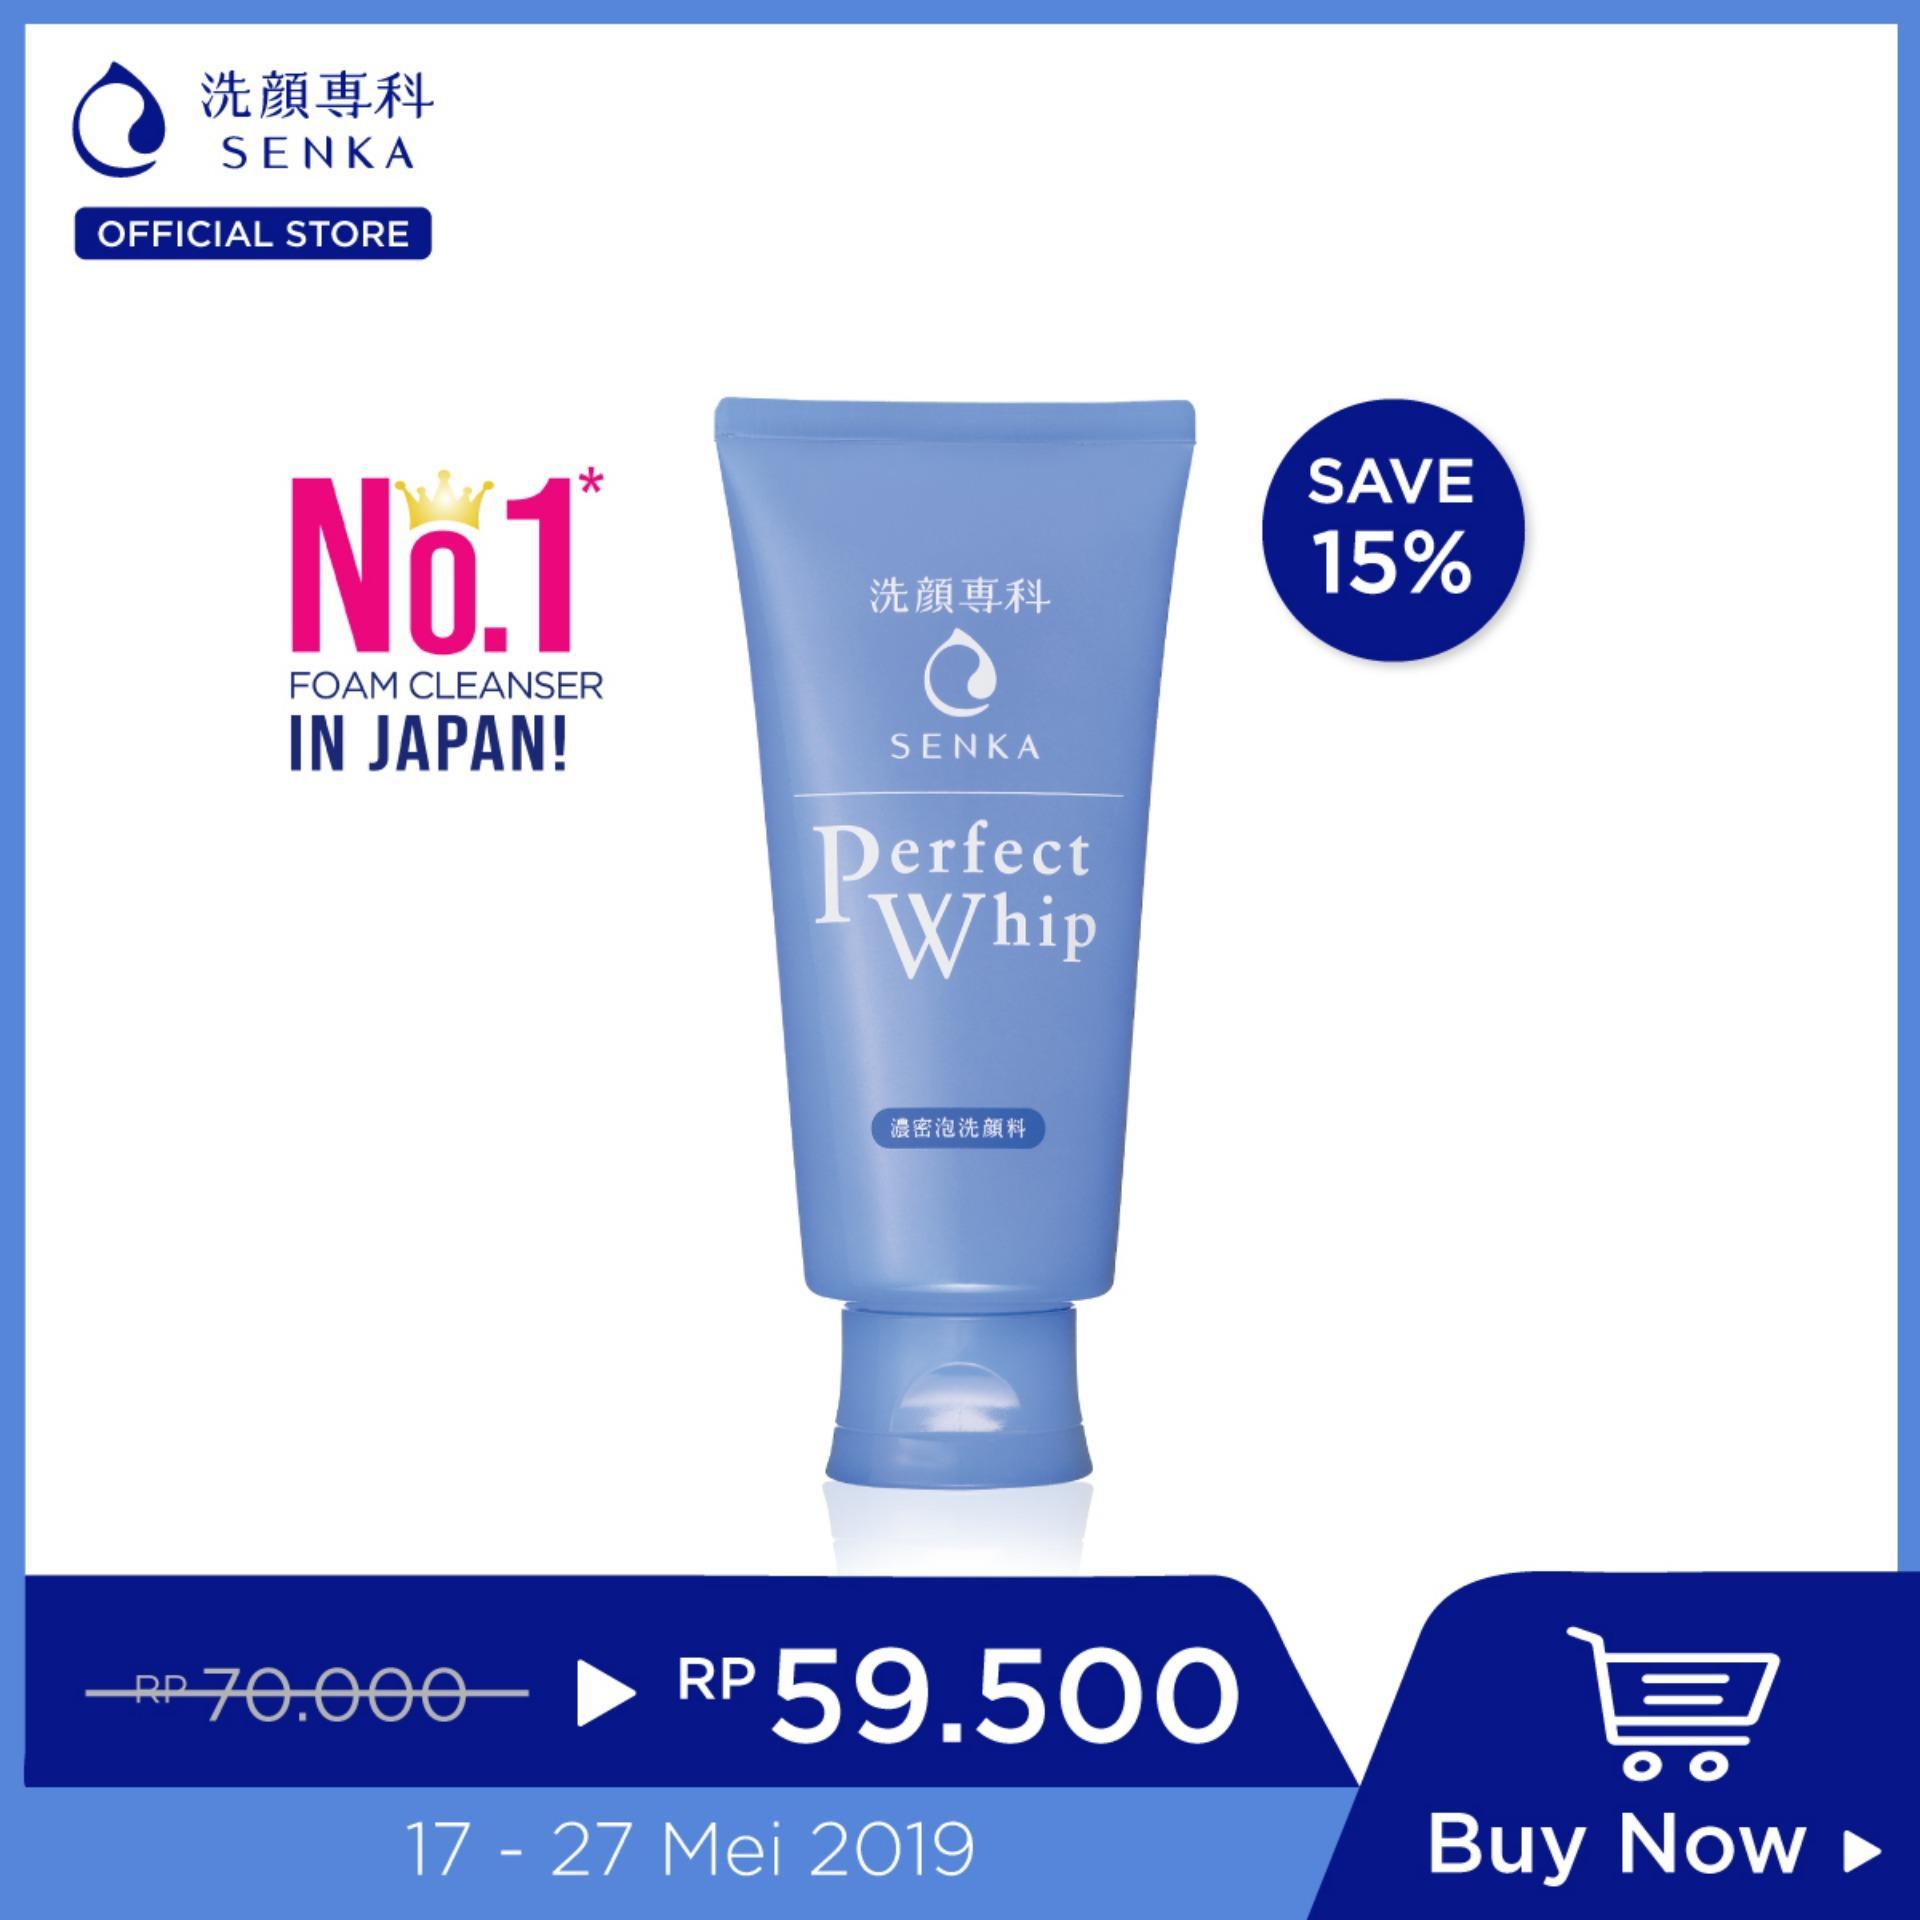 [Best Seller] SENKA Perfect Whip Daily Cleanser for All Skin Type 120g